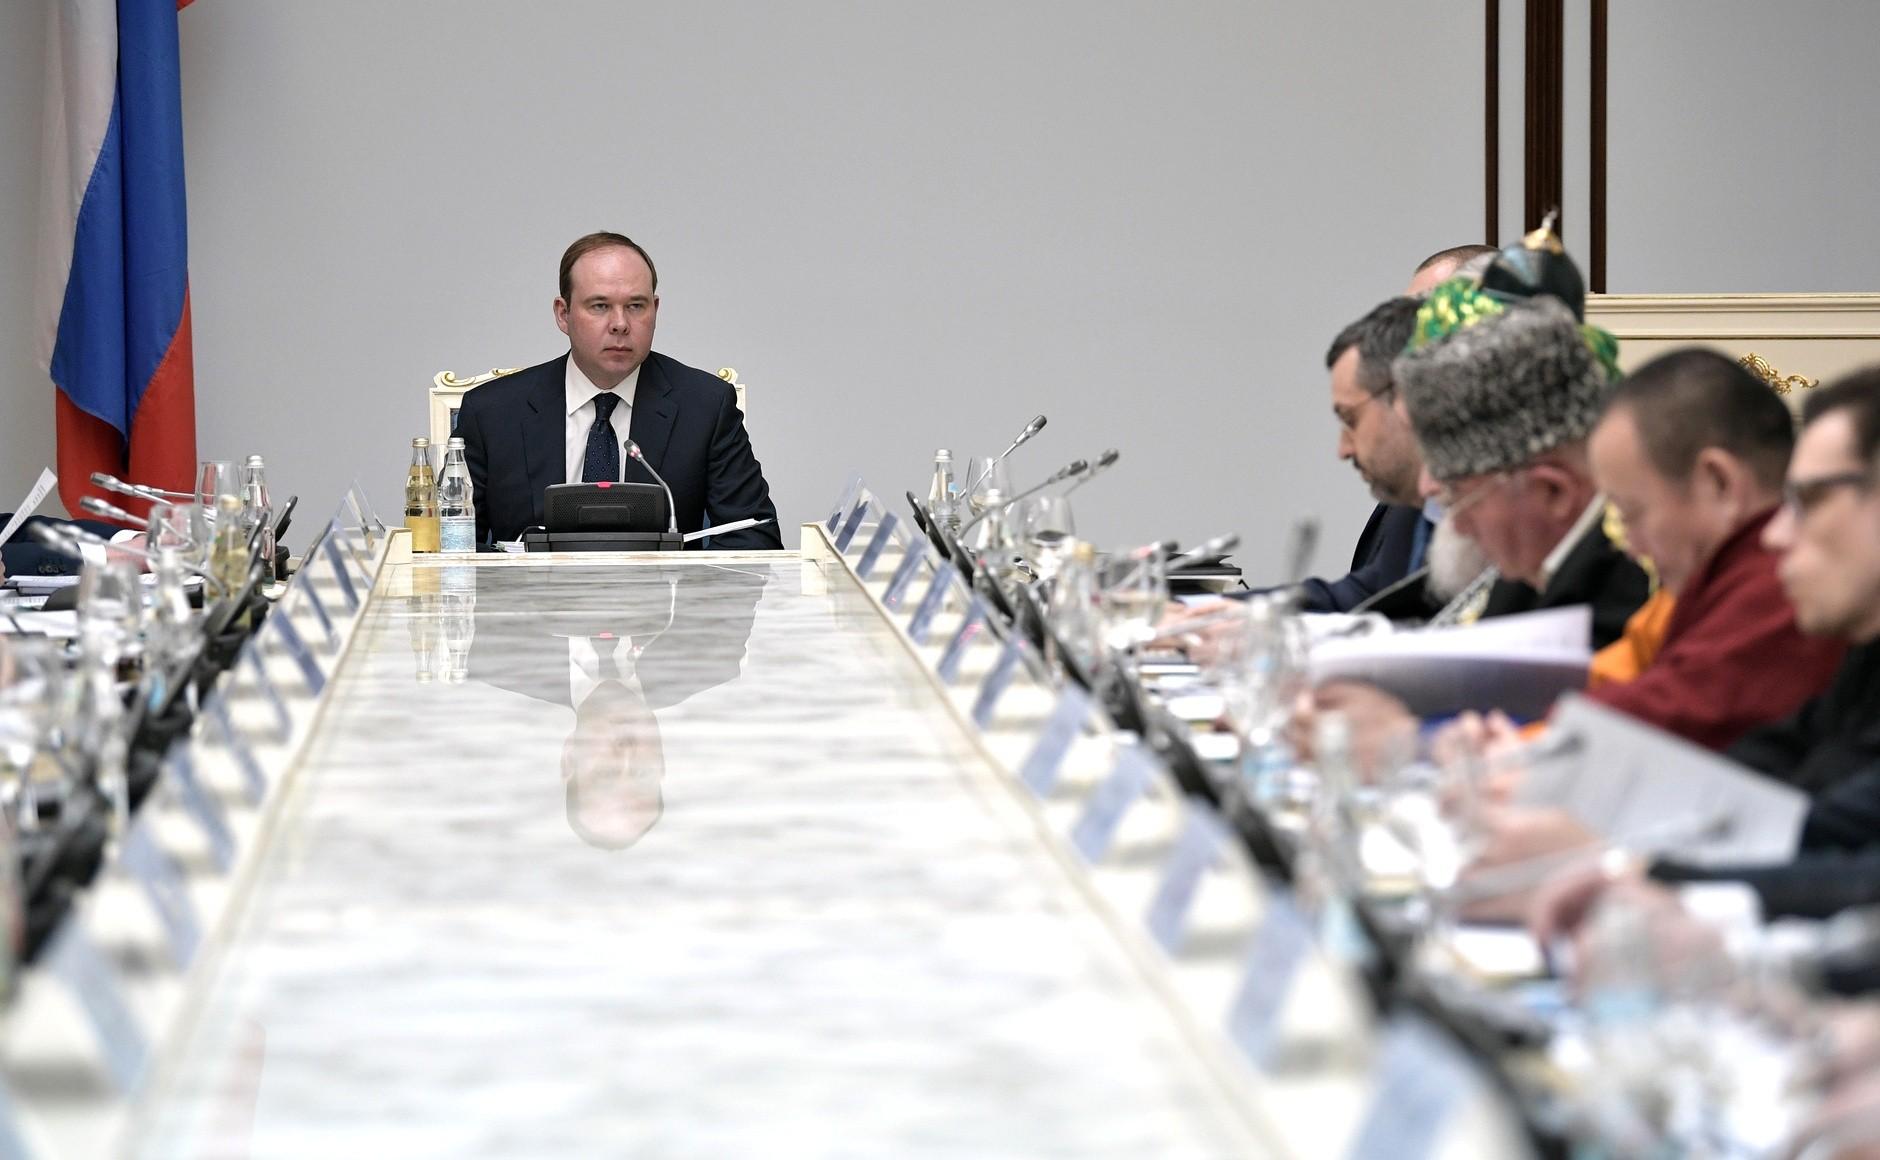 Внесены изменения в состав религиозного Совета при Президенте РФ